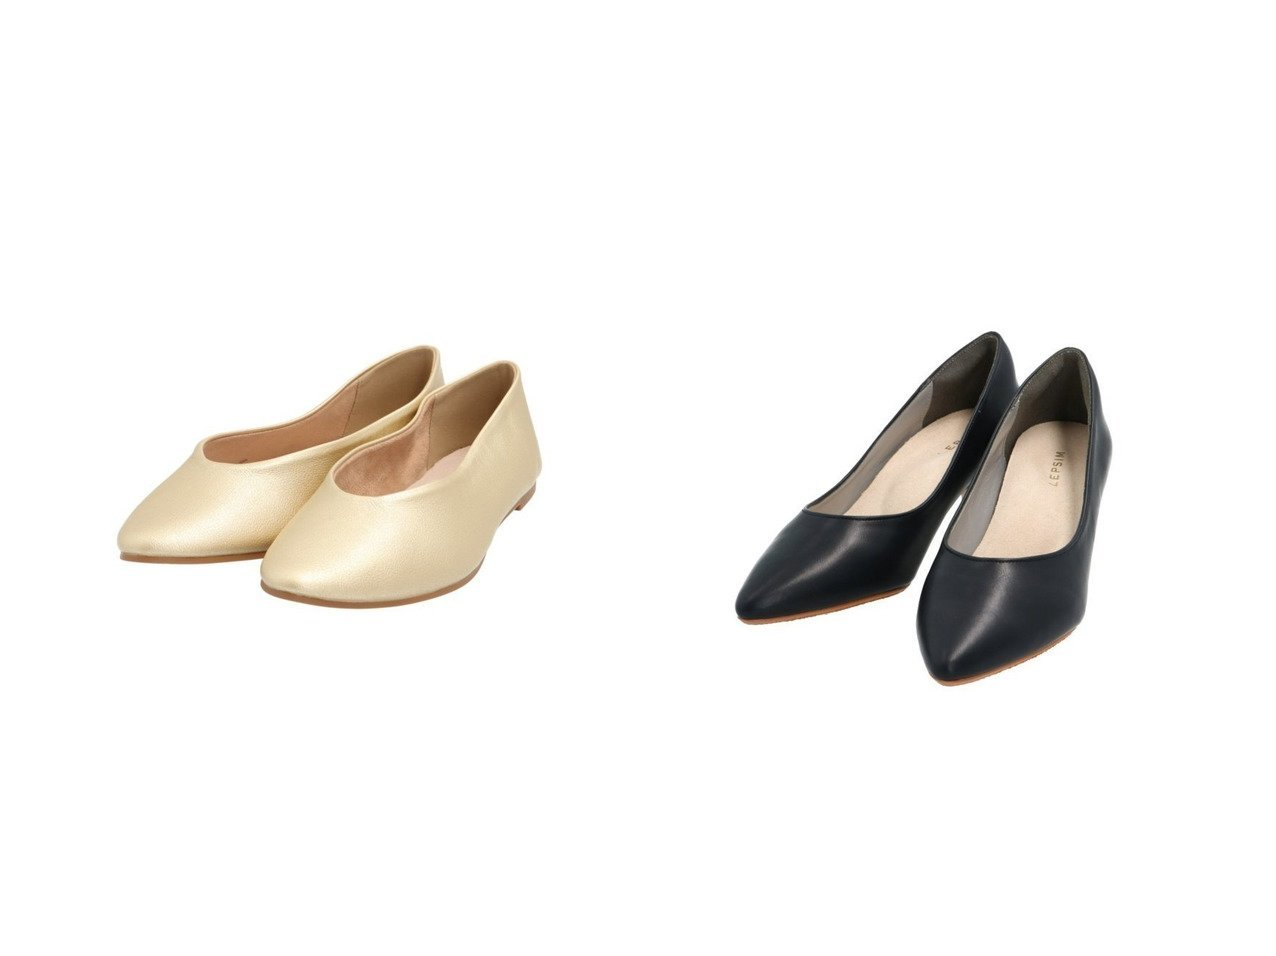 【LEPSIM LOWRYS FARM/レプシィム ローリーズファーム】のNLクッションヒールパンプス&UカットソフトフラットSS シューズ・靴のおすすめ!人気、トレンド・レディースファッションの通販 おすすめで人気の流行・トレンド、ファッションの通販商品 メンズファッション・キッズファッション・インテリア・家具・レディースファッション・服の通販 founy(ファニー) https://founy.com/ ファッション Fashion レディースファッション WOMEN NEW・新作・新着・新入荷 New Arrivals S/S 春夏 SS Spring/Summer シューズ フラット 定番 Standard 春 Spring クッション 抗菌  ID:crp329100000012962